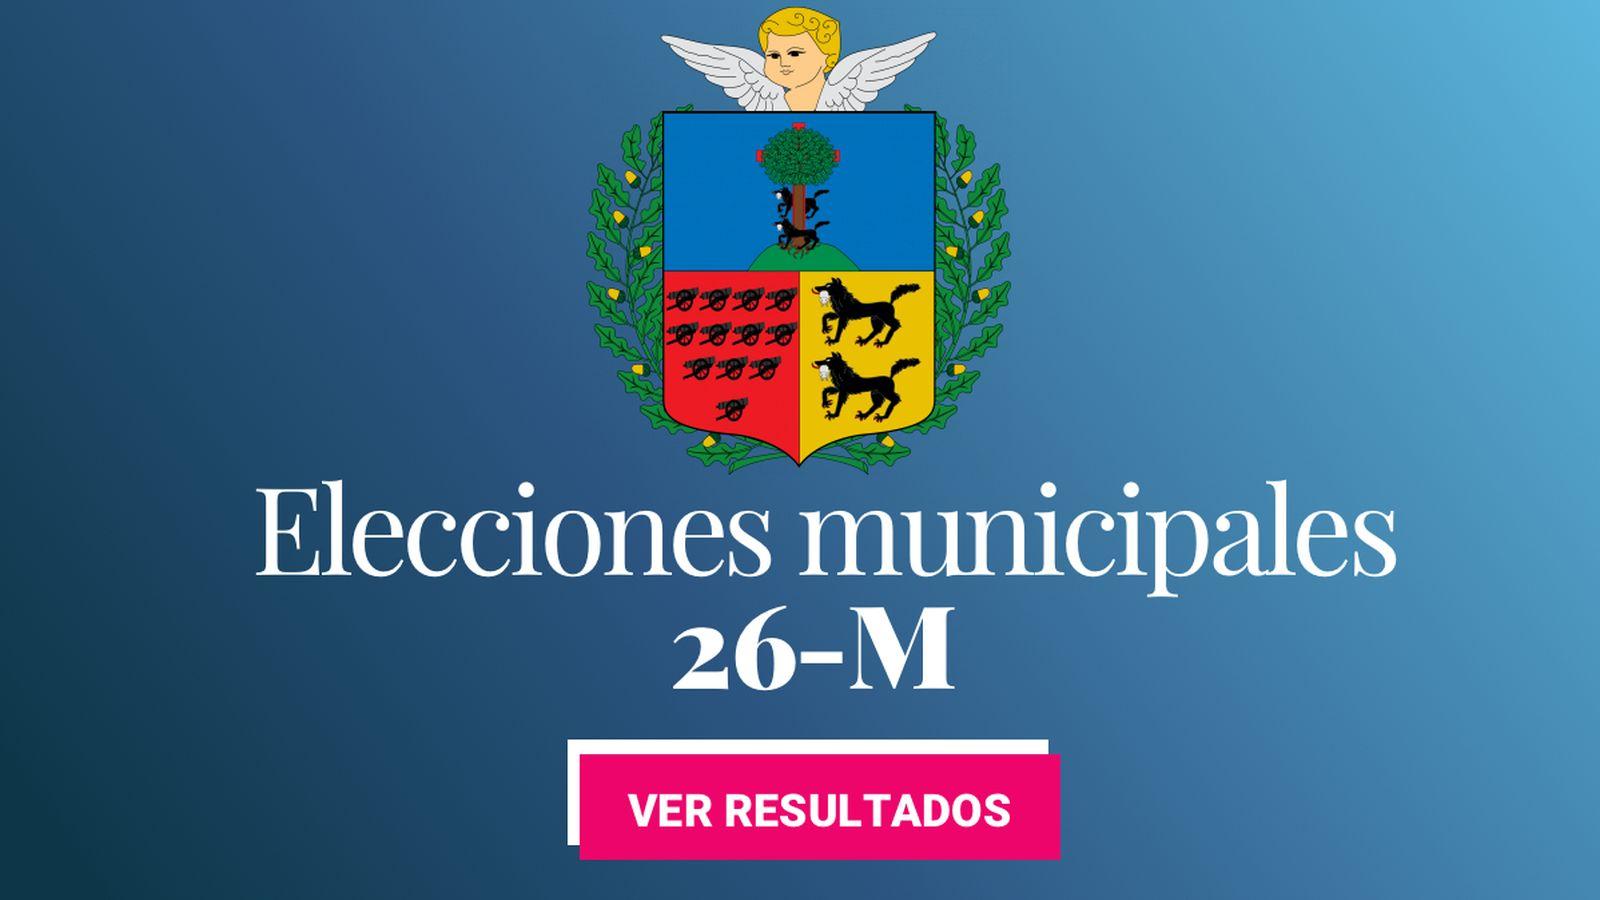 Foto: Elecciones municipales 2019 en Barakaldo. (C.C./EC)